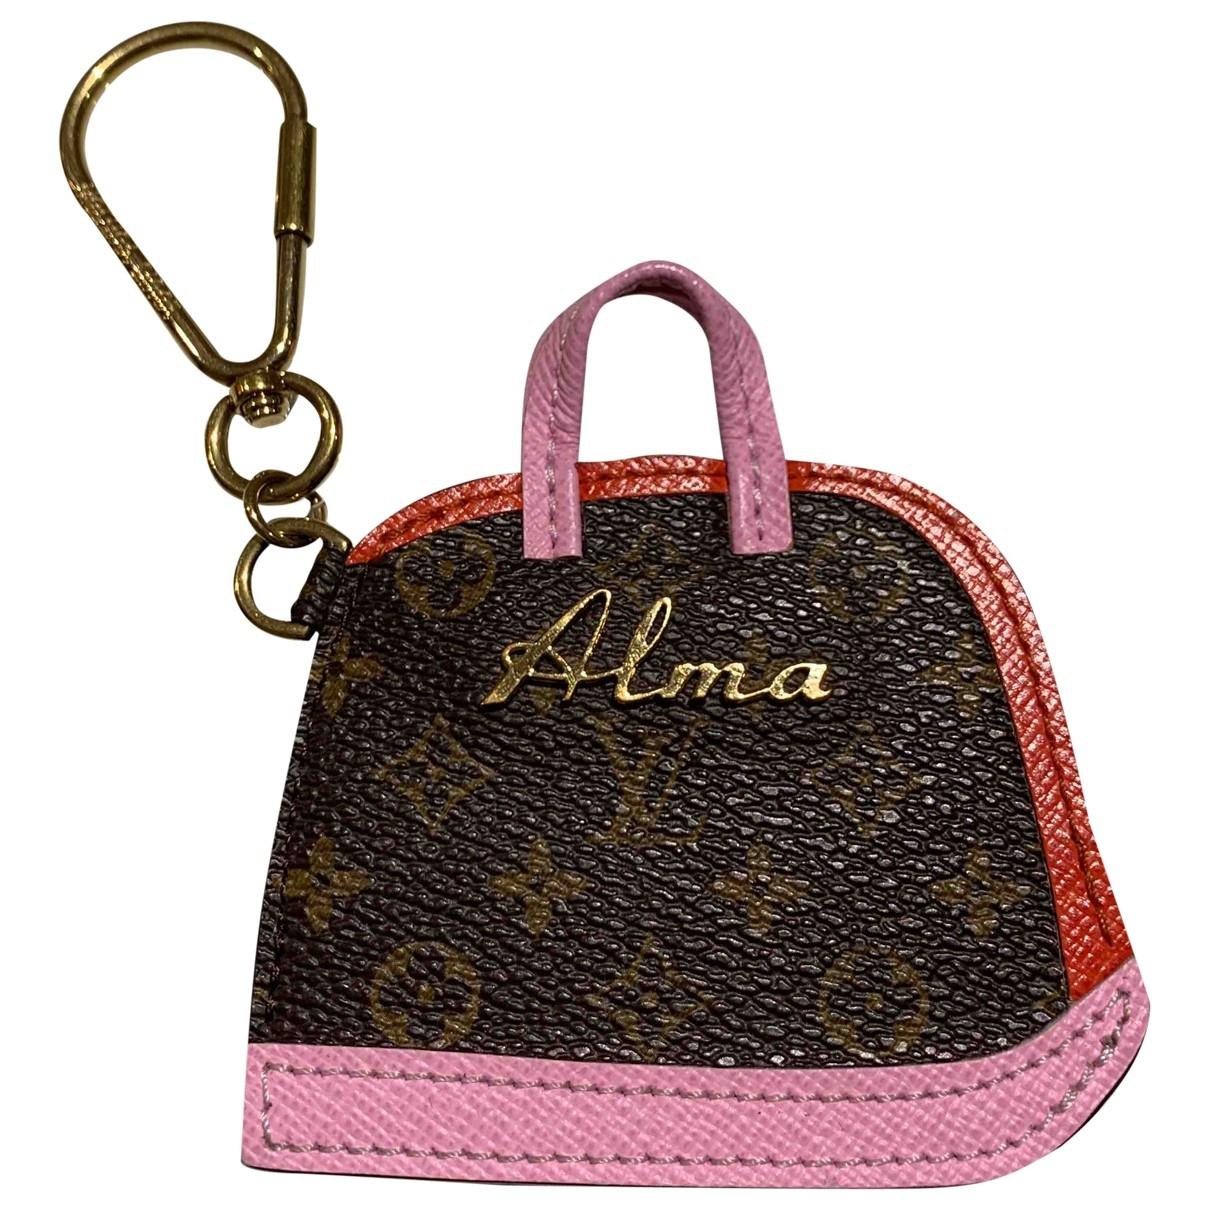 Louis Vuitton - Bijoux de sac   pour femme en cuir - multicolore